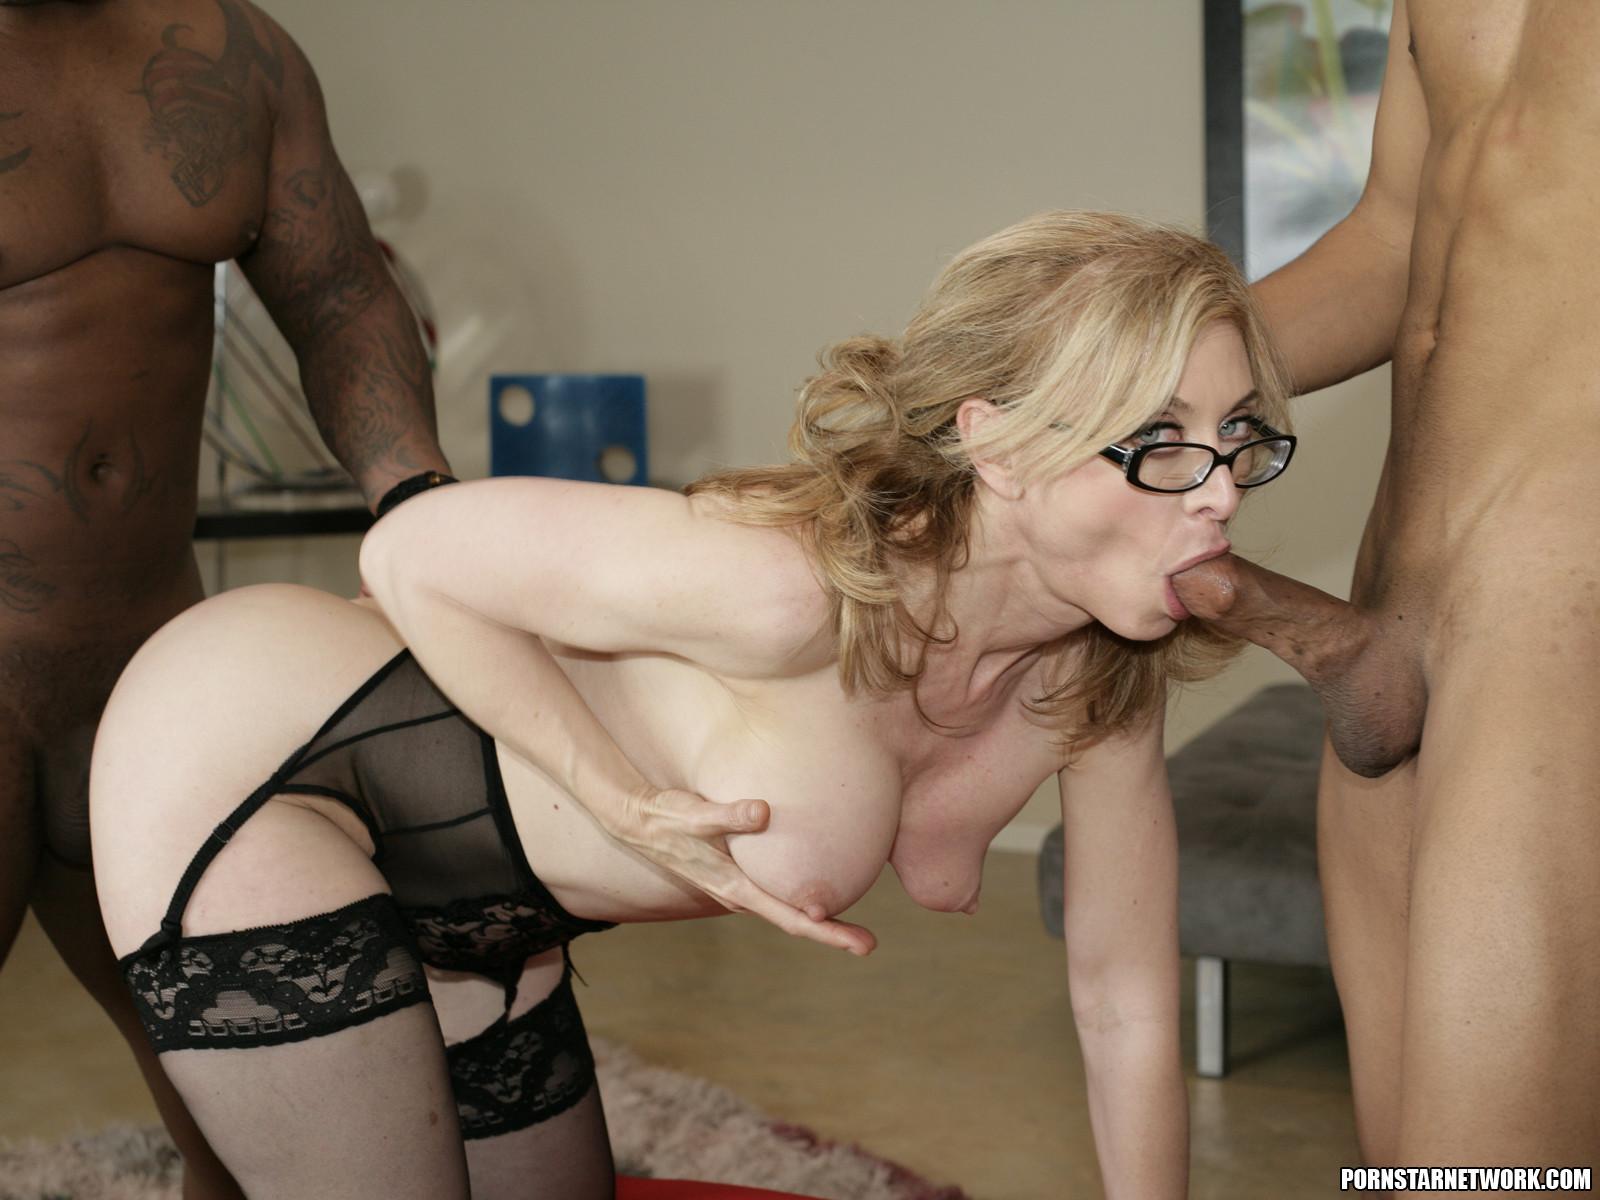 Сексапильная мамаша в чулках порно 10 фотография